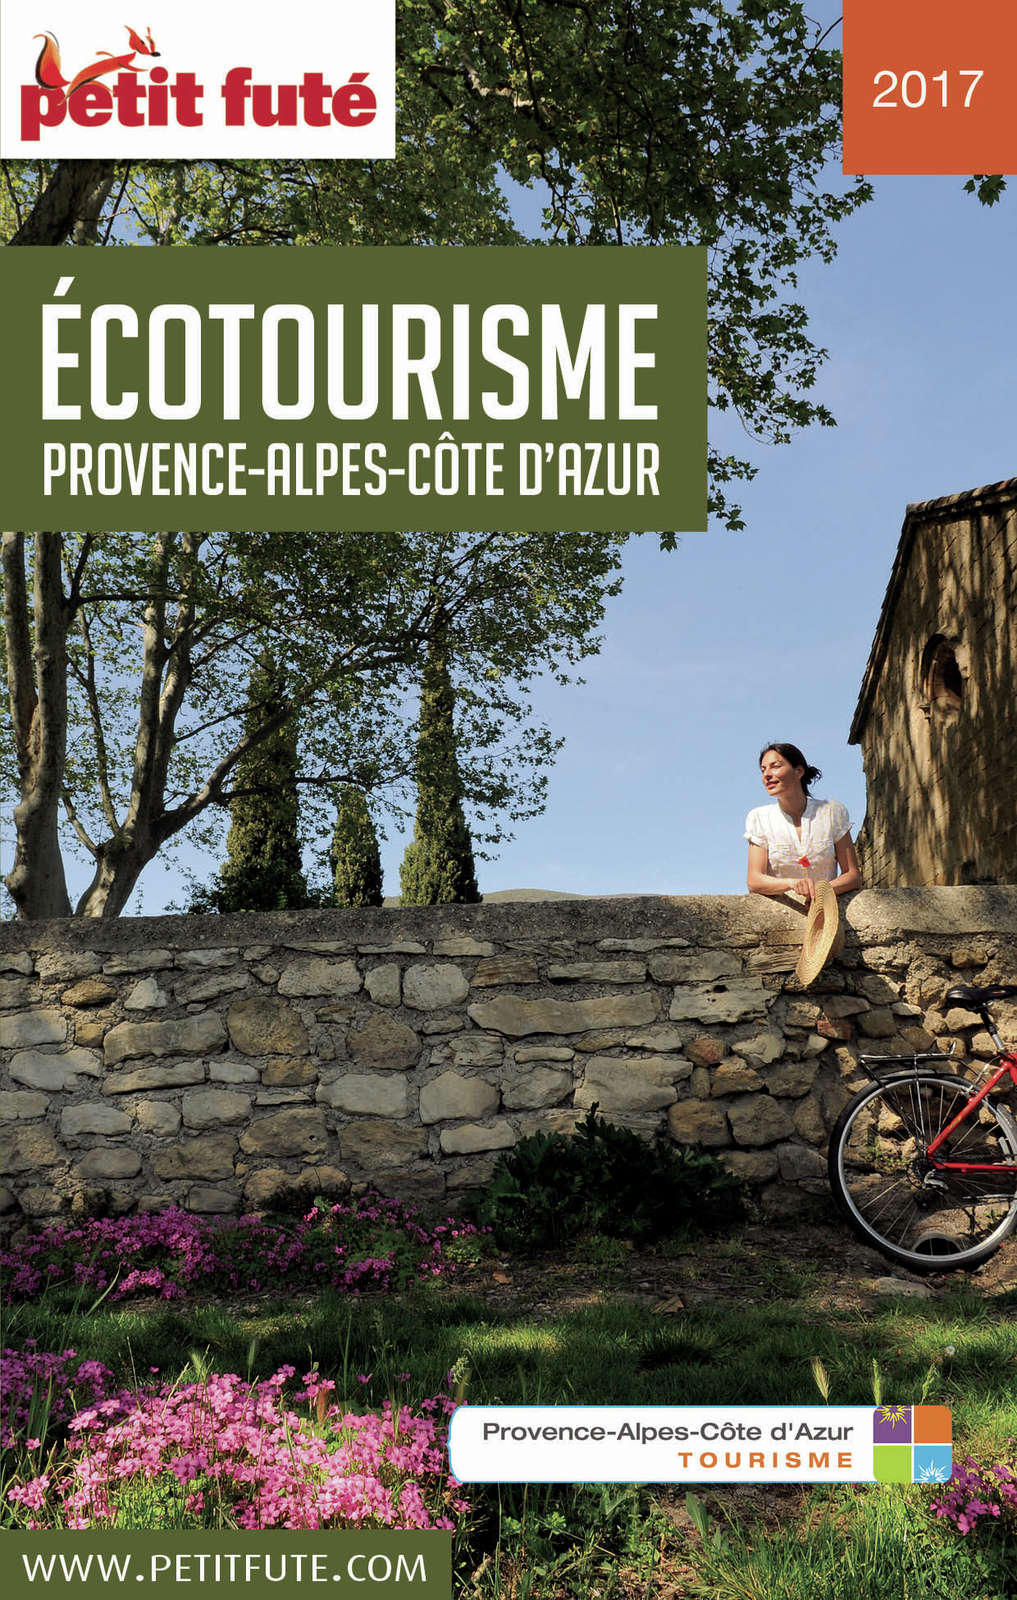 télécharger Écotourisme Provence-Alpes-Côte d'Azur 2017